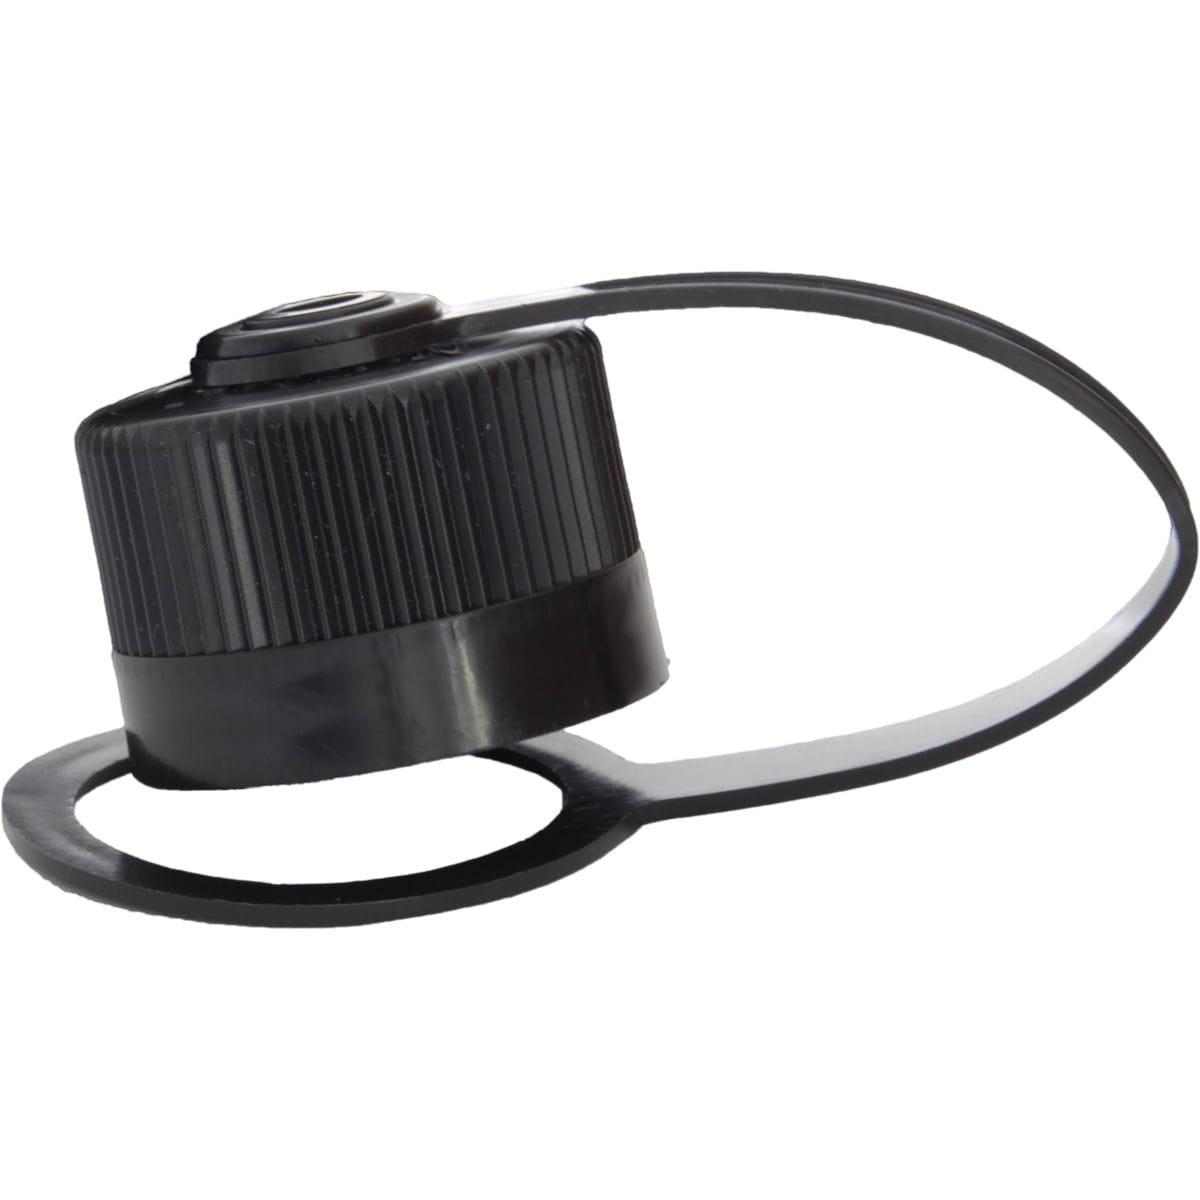 Nalgene Ersatzdeckel - 38 mm Loop Top - Bild 1